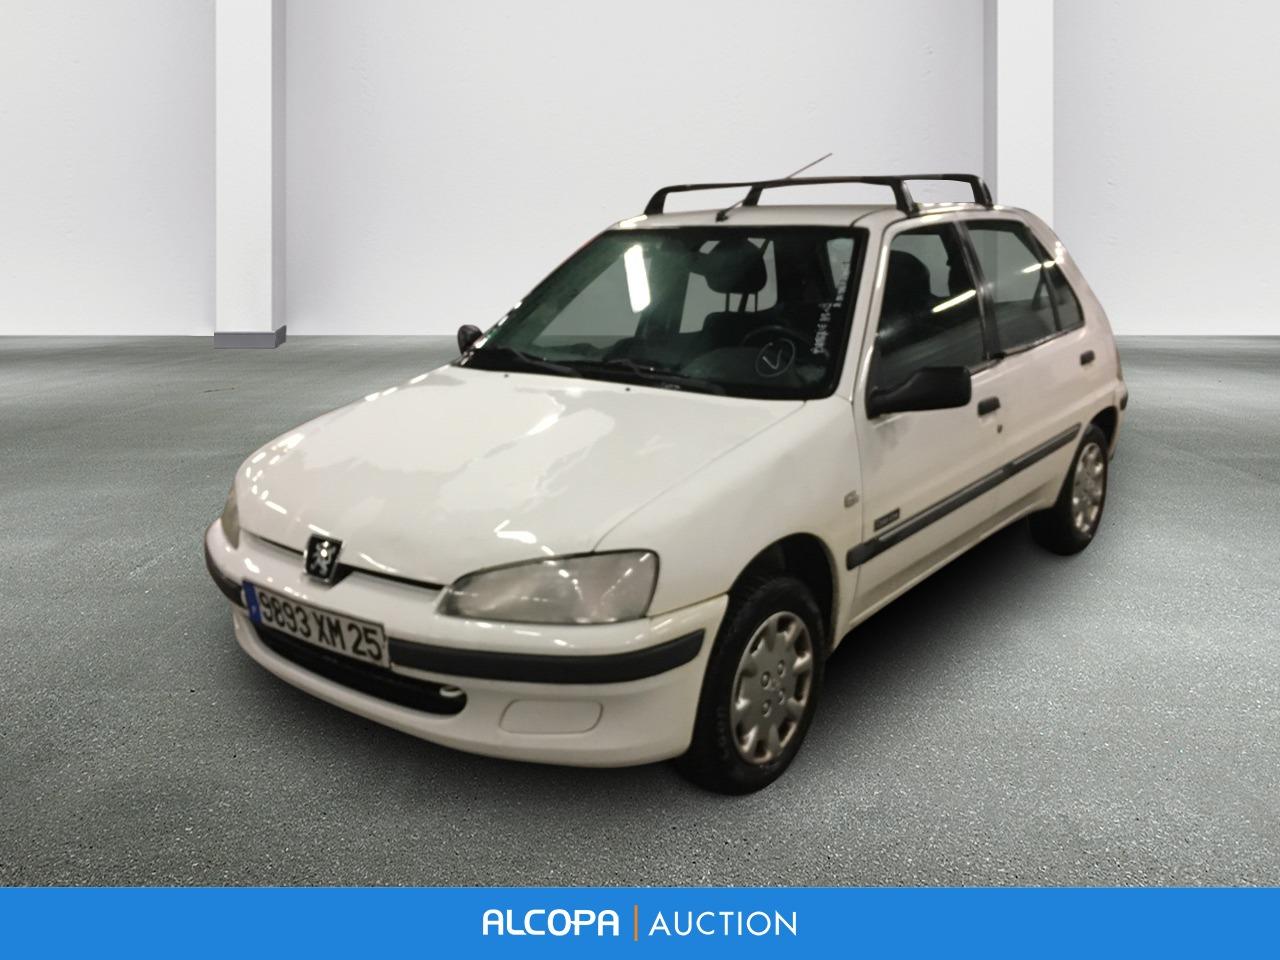 peugeot 106 - 106 1.5 d open | alcopa auction